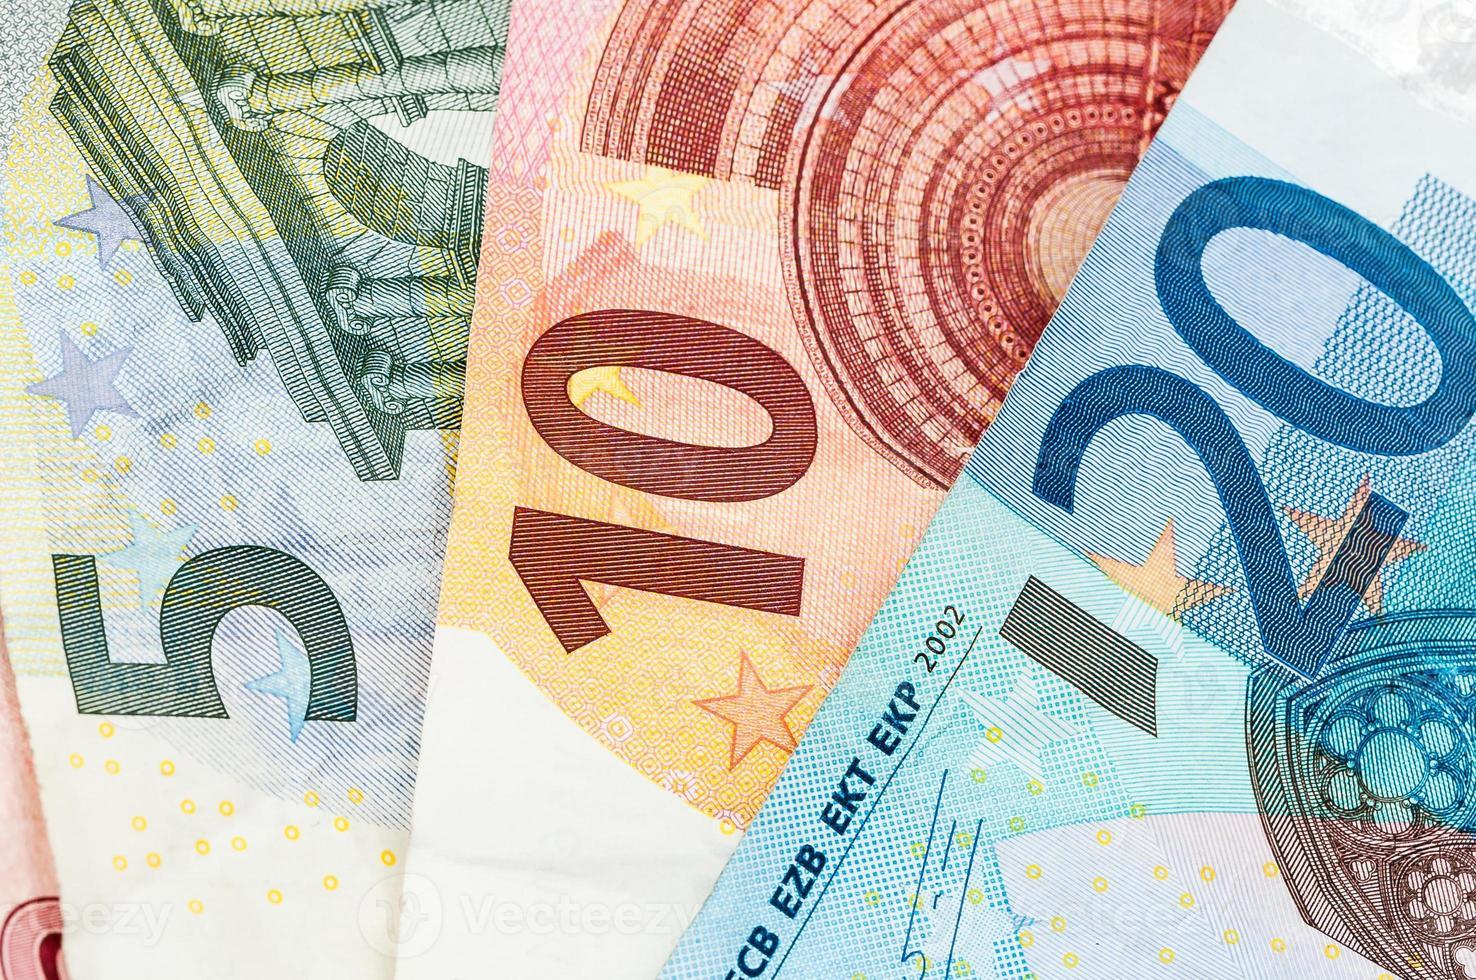 notas de dinheiro de cinco, dez e vinte euros foto